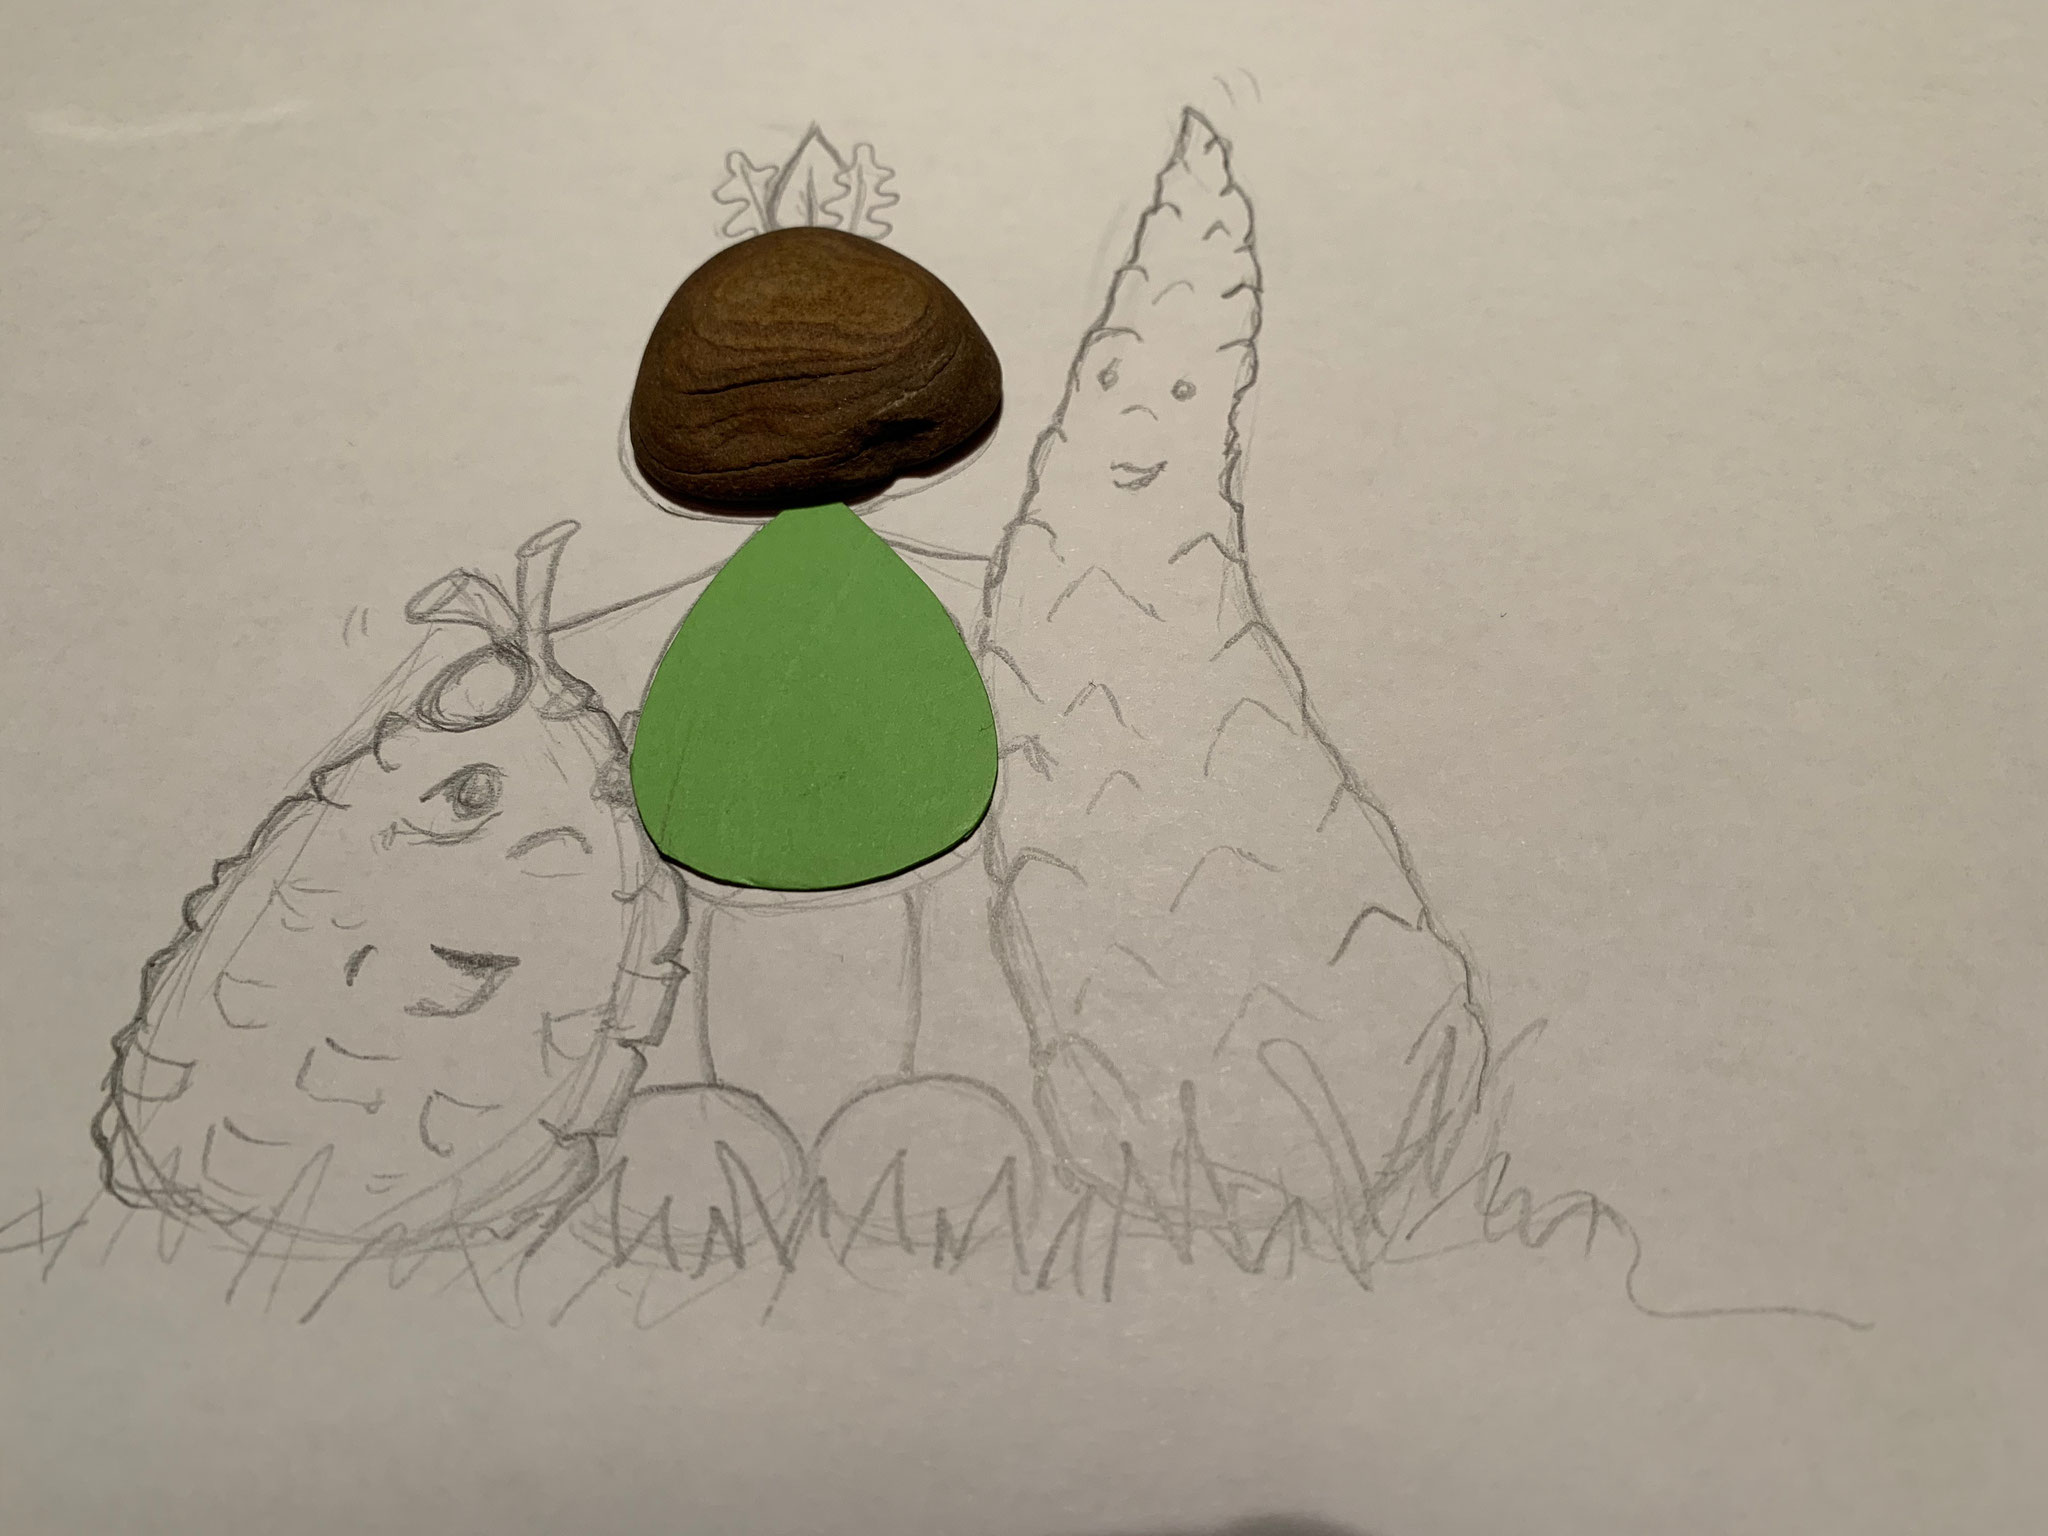 2018: Die schlaubatz Figur entsteht - aus einem Stein und der Form einer Eichel.